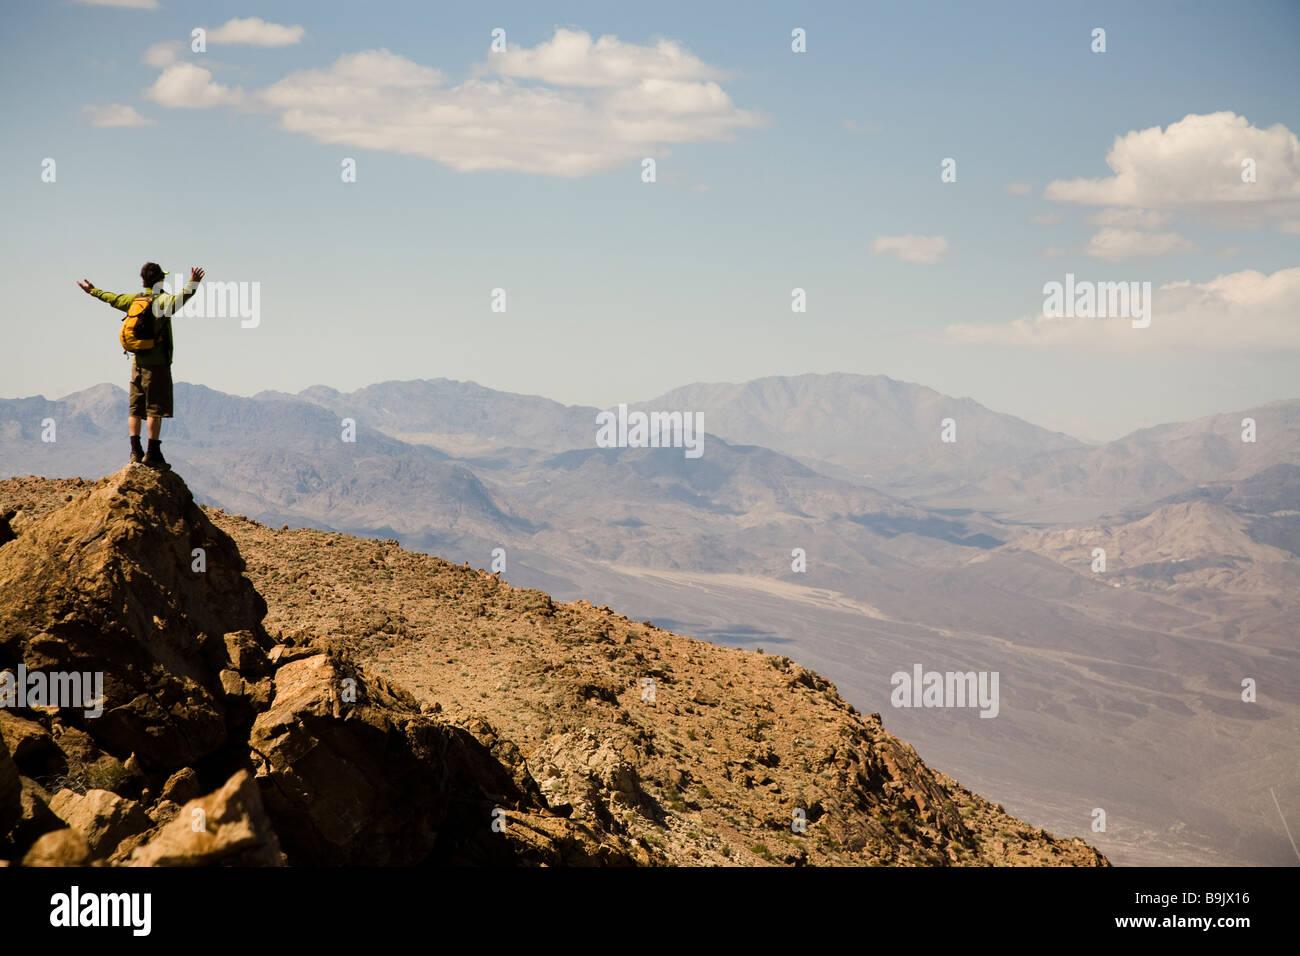 Un uomo sta con le braccia estese al vertice di un picco nel Parco Nazionale della Valle della Morte, California. Immagini Stock